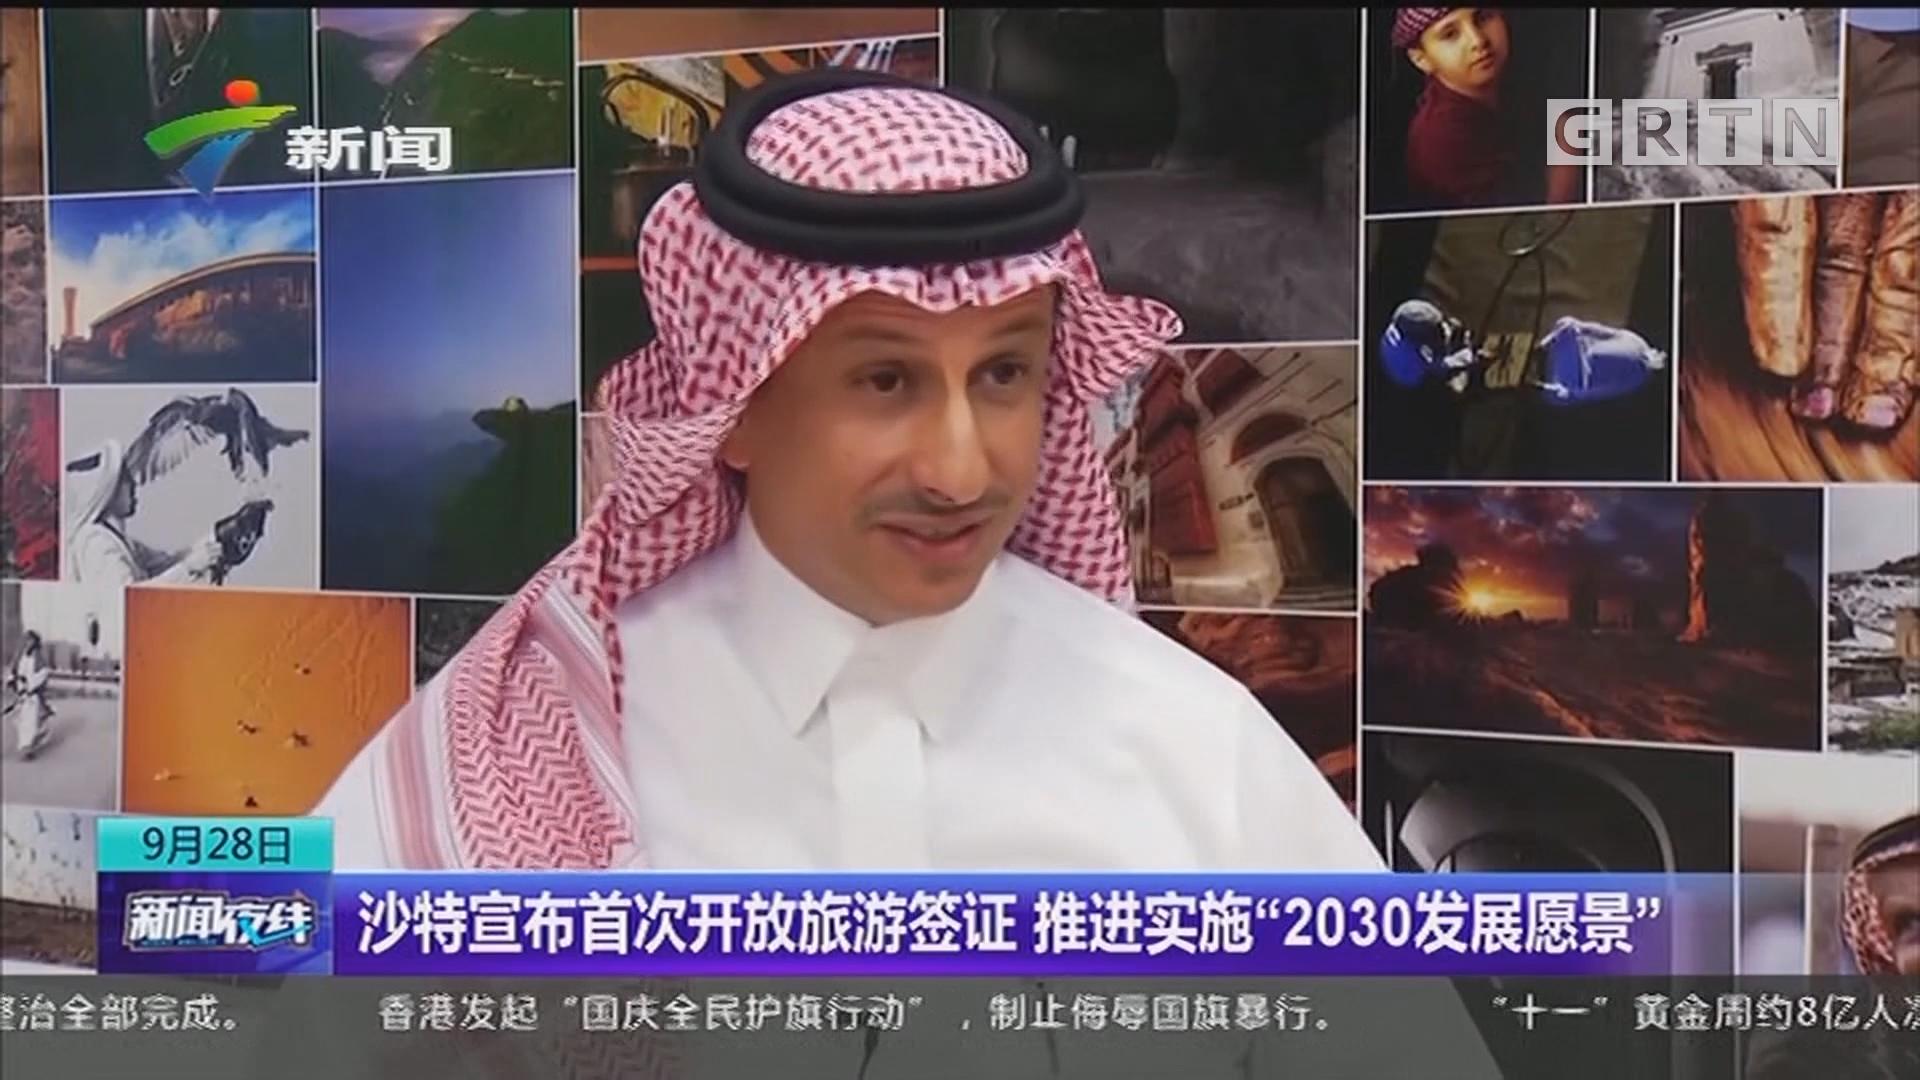 """沙特宣布首次开放旅游签证 推进实施""""2030发展愿景"""""""